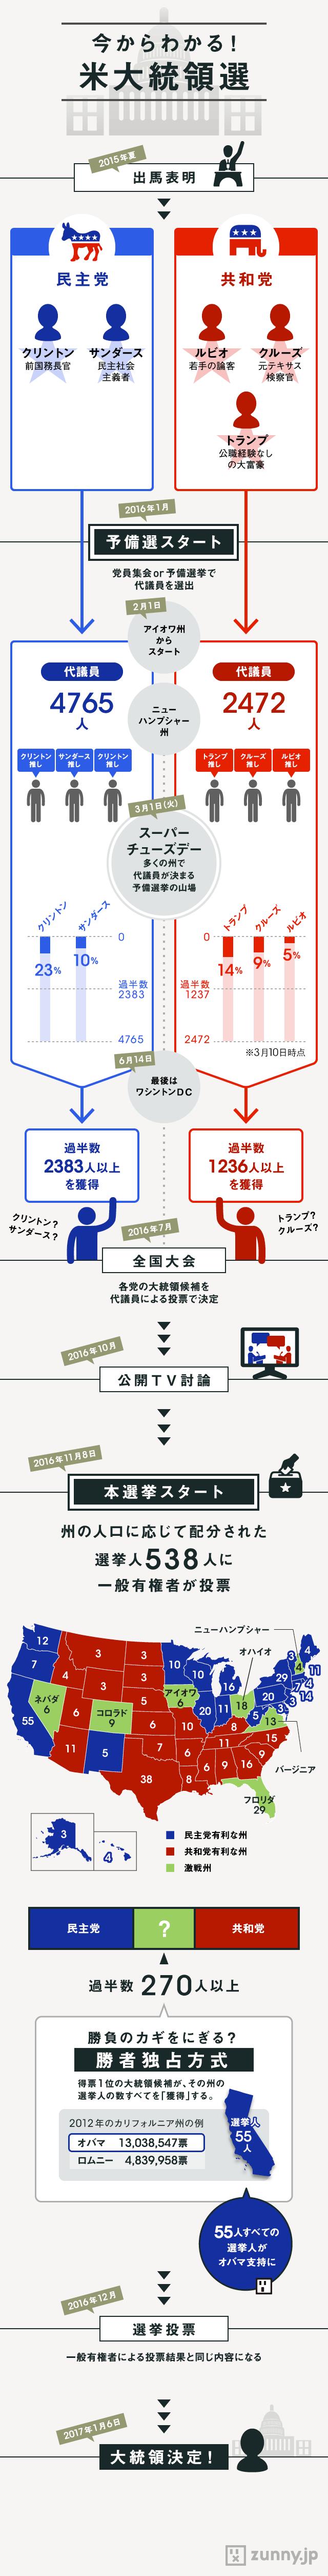 インフォグラフィック:米大統領選挙は名言連発のドナルド・トランプ氏勝利。日本への影響は?